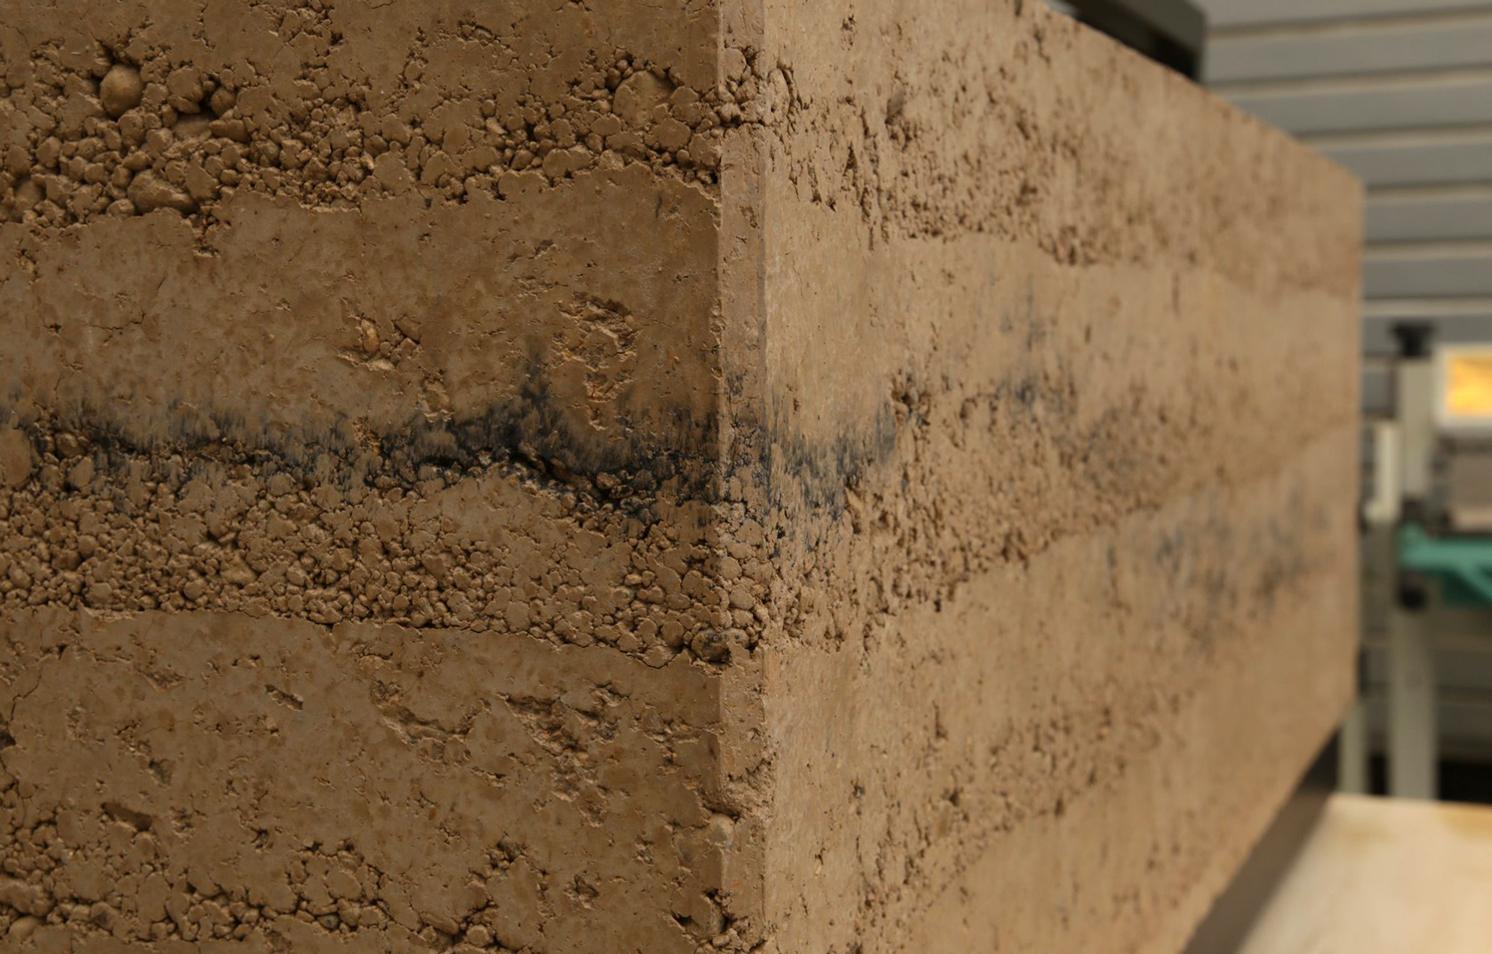 Des socles en terre crue pour le Muséum d'Orléans pour la Biodiversité et l'Environnement